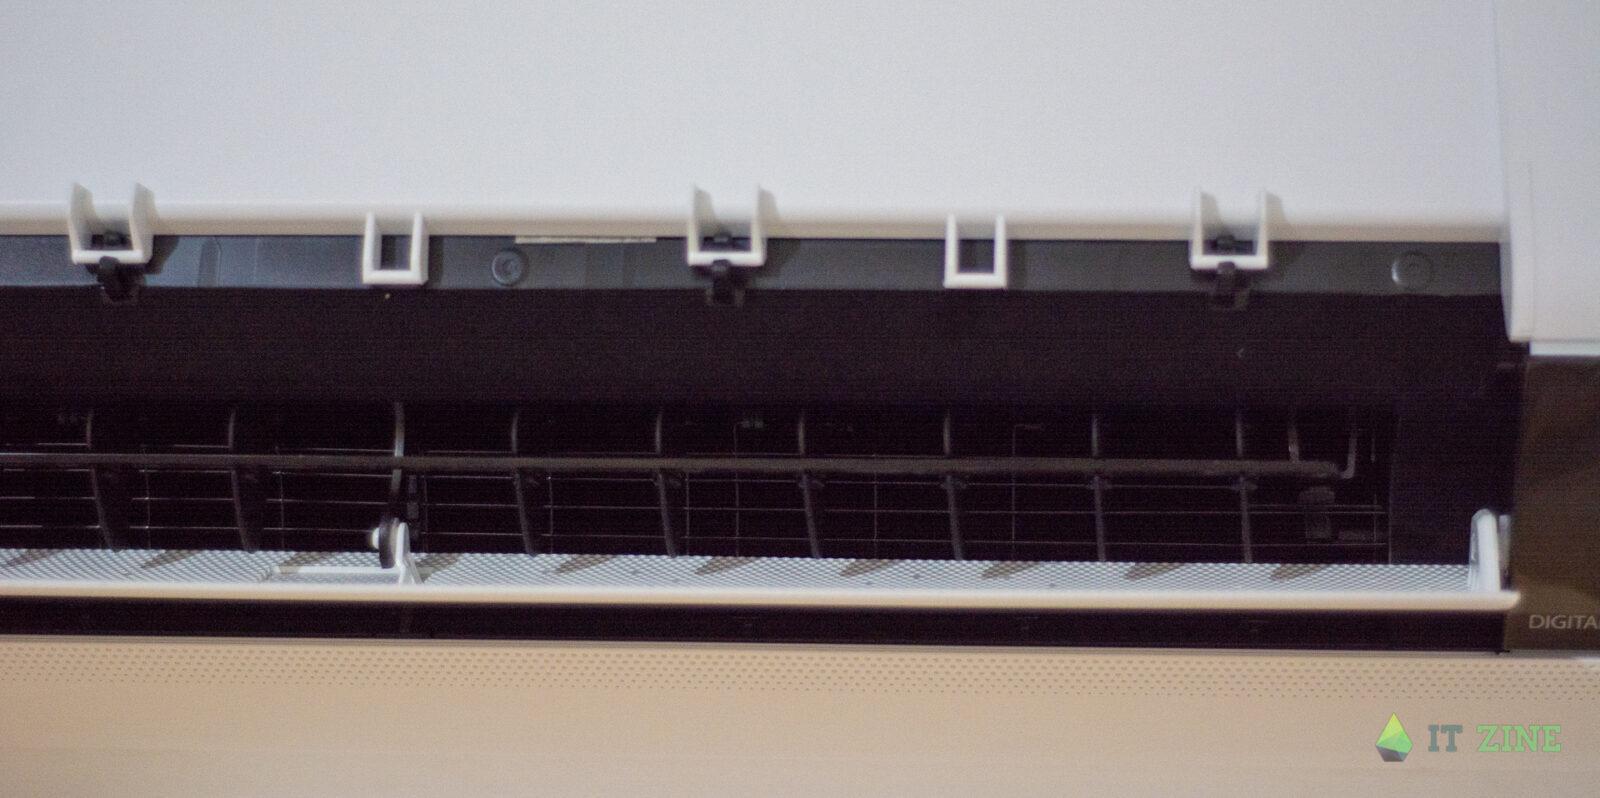 Обзор сплит-системы Samsung AR9500T WindFree: охлаждает, но не дует (export 2607 12)